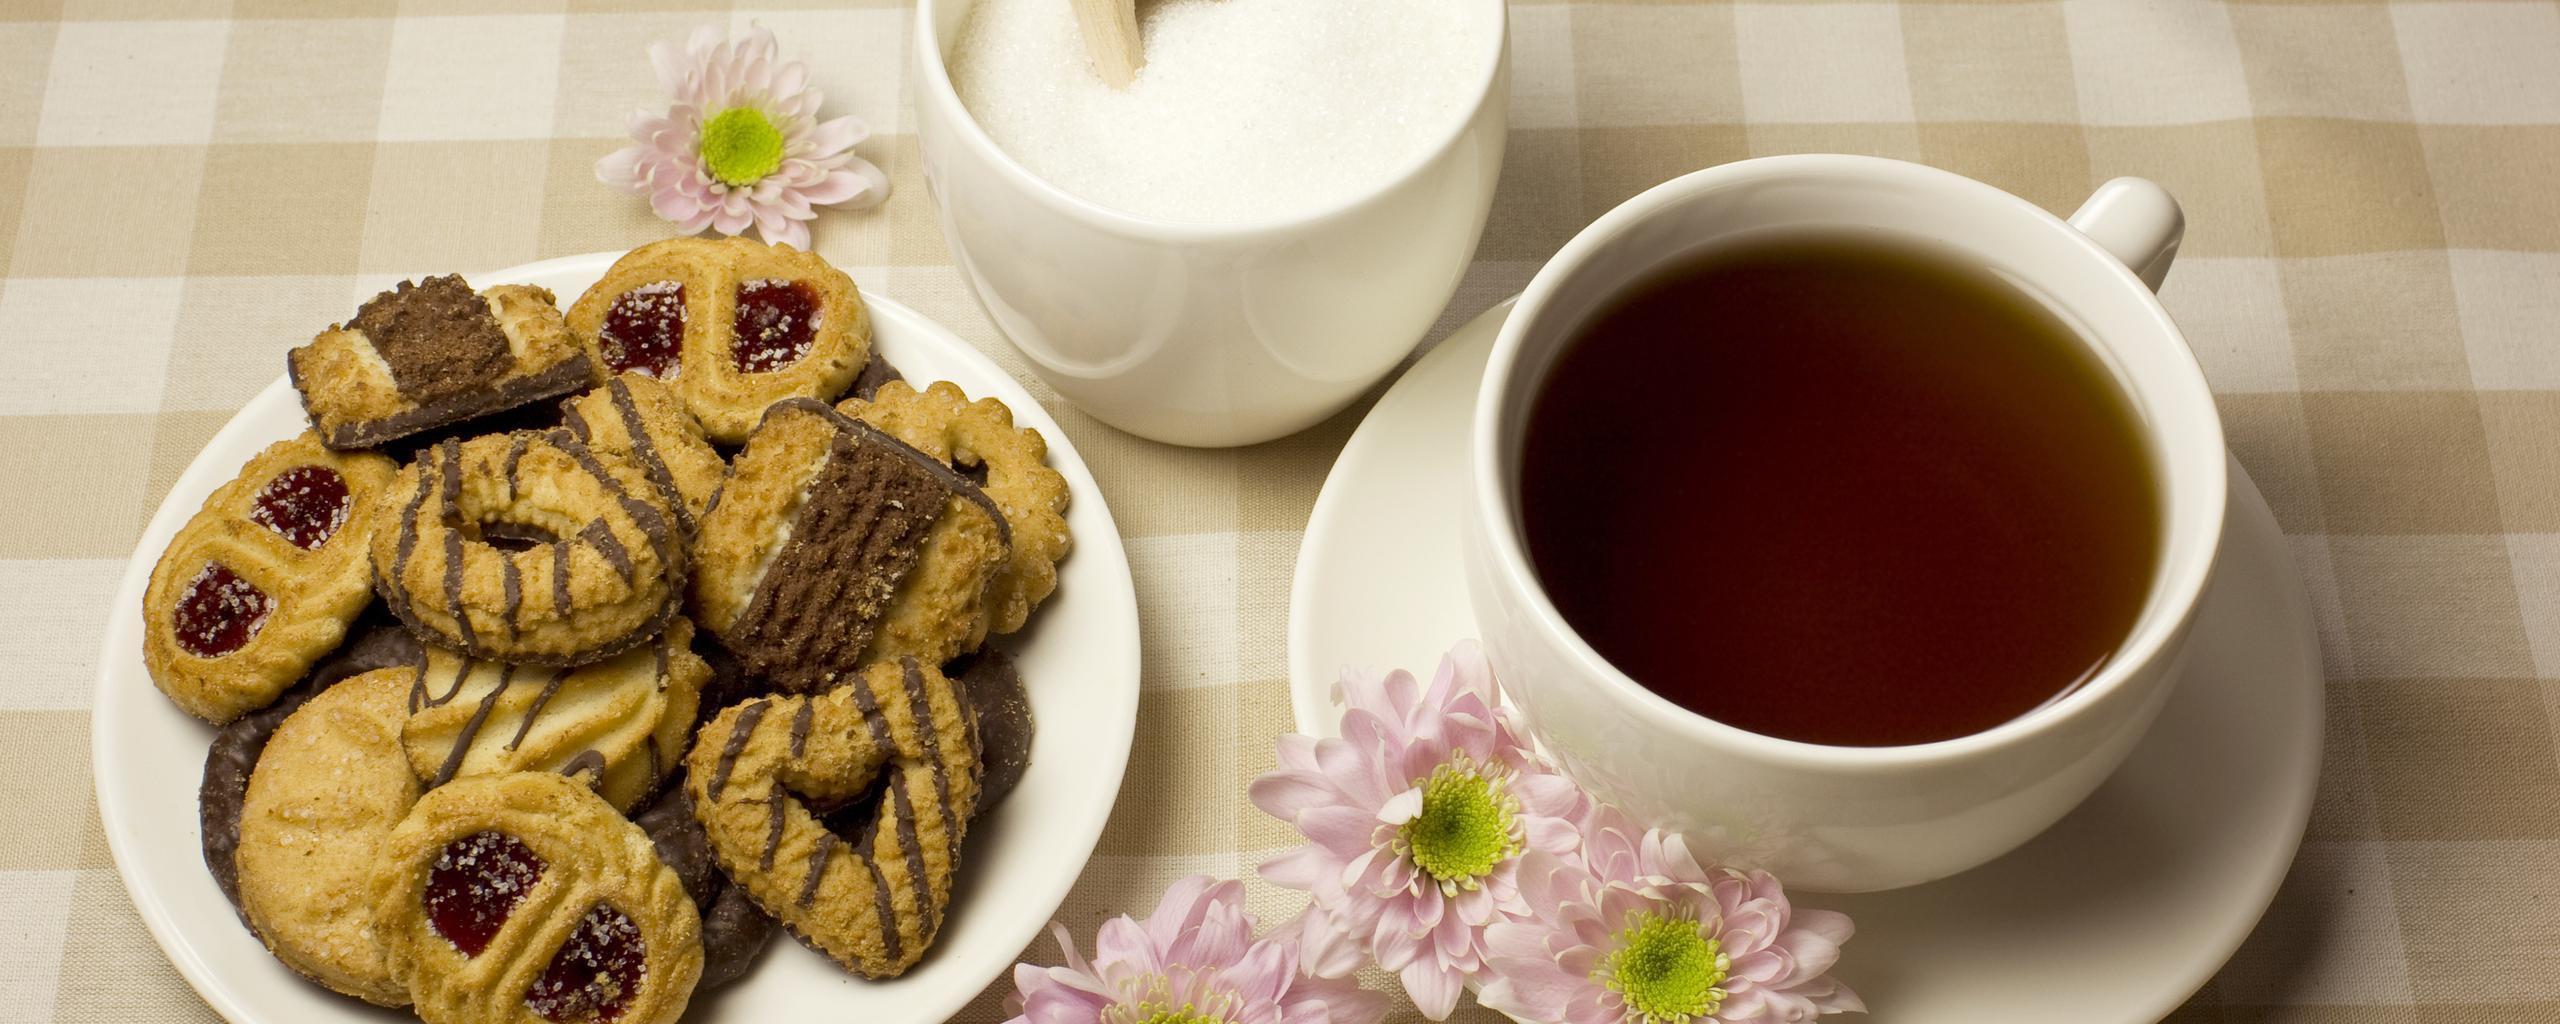 ничего красивая картинка с чаем и печеньки подруга натуральная блондинка